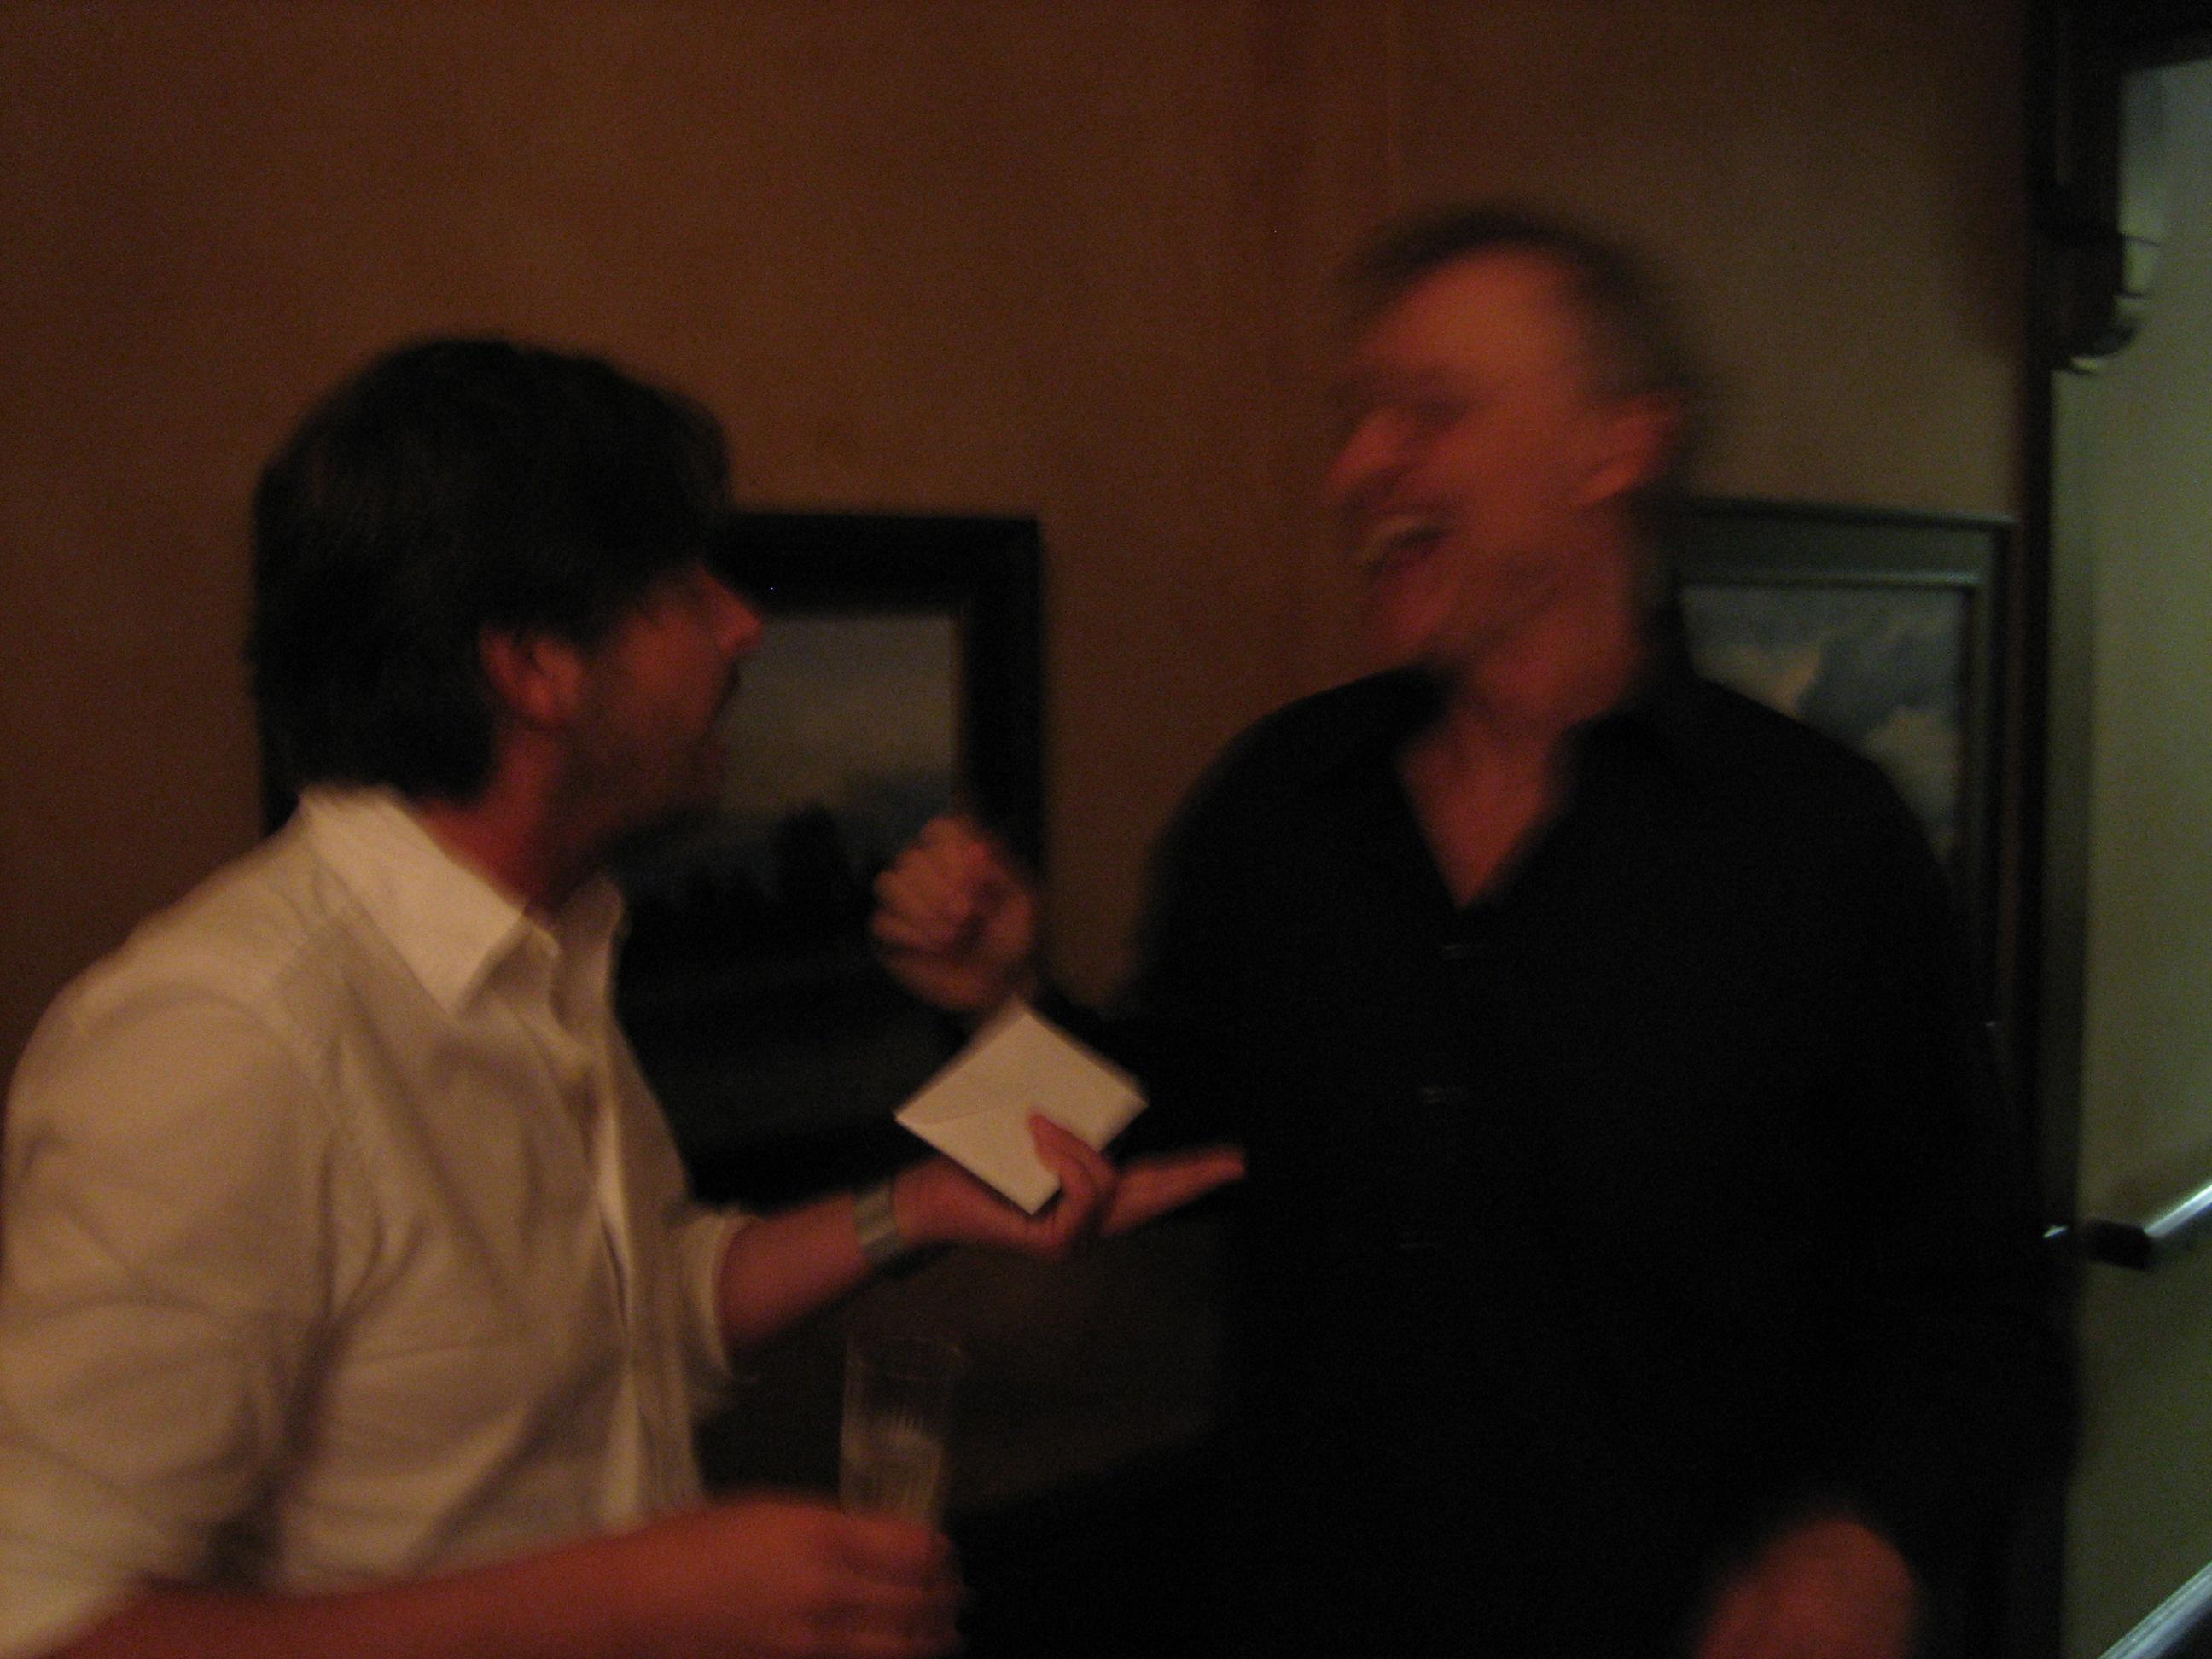 Bruce och jag diskuterar